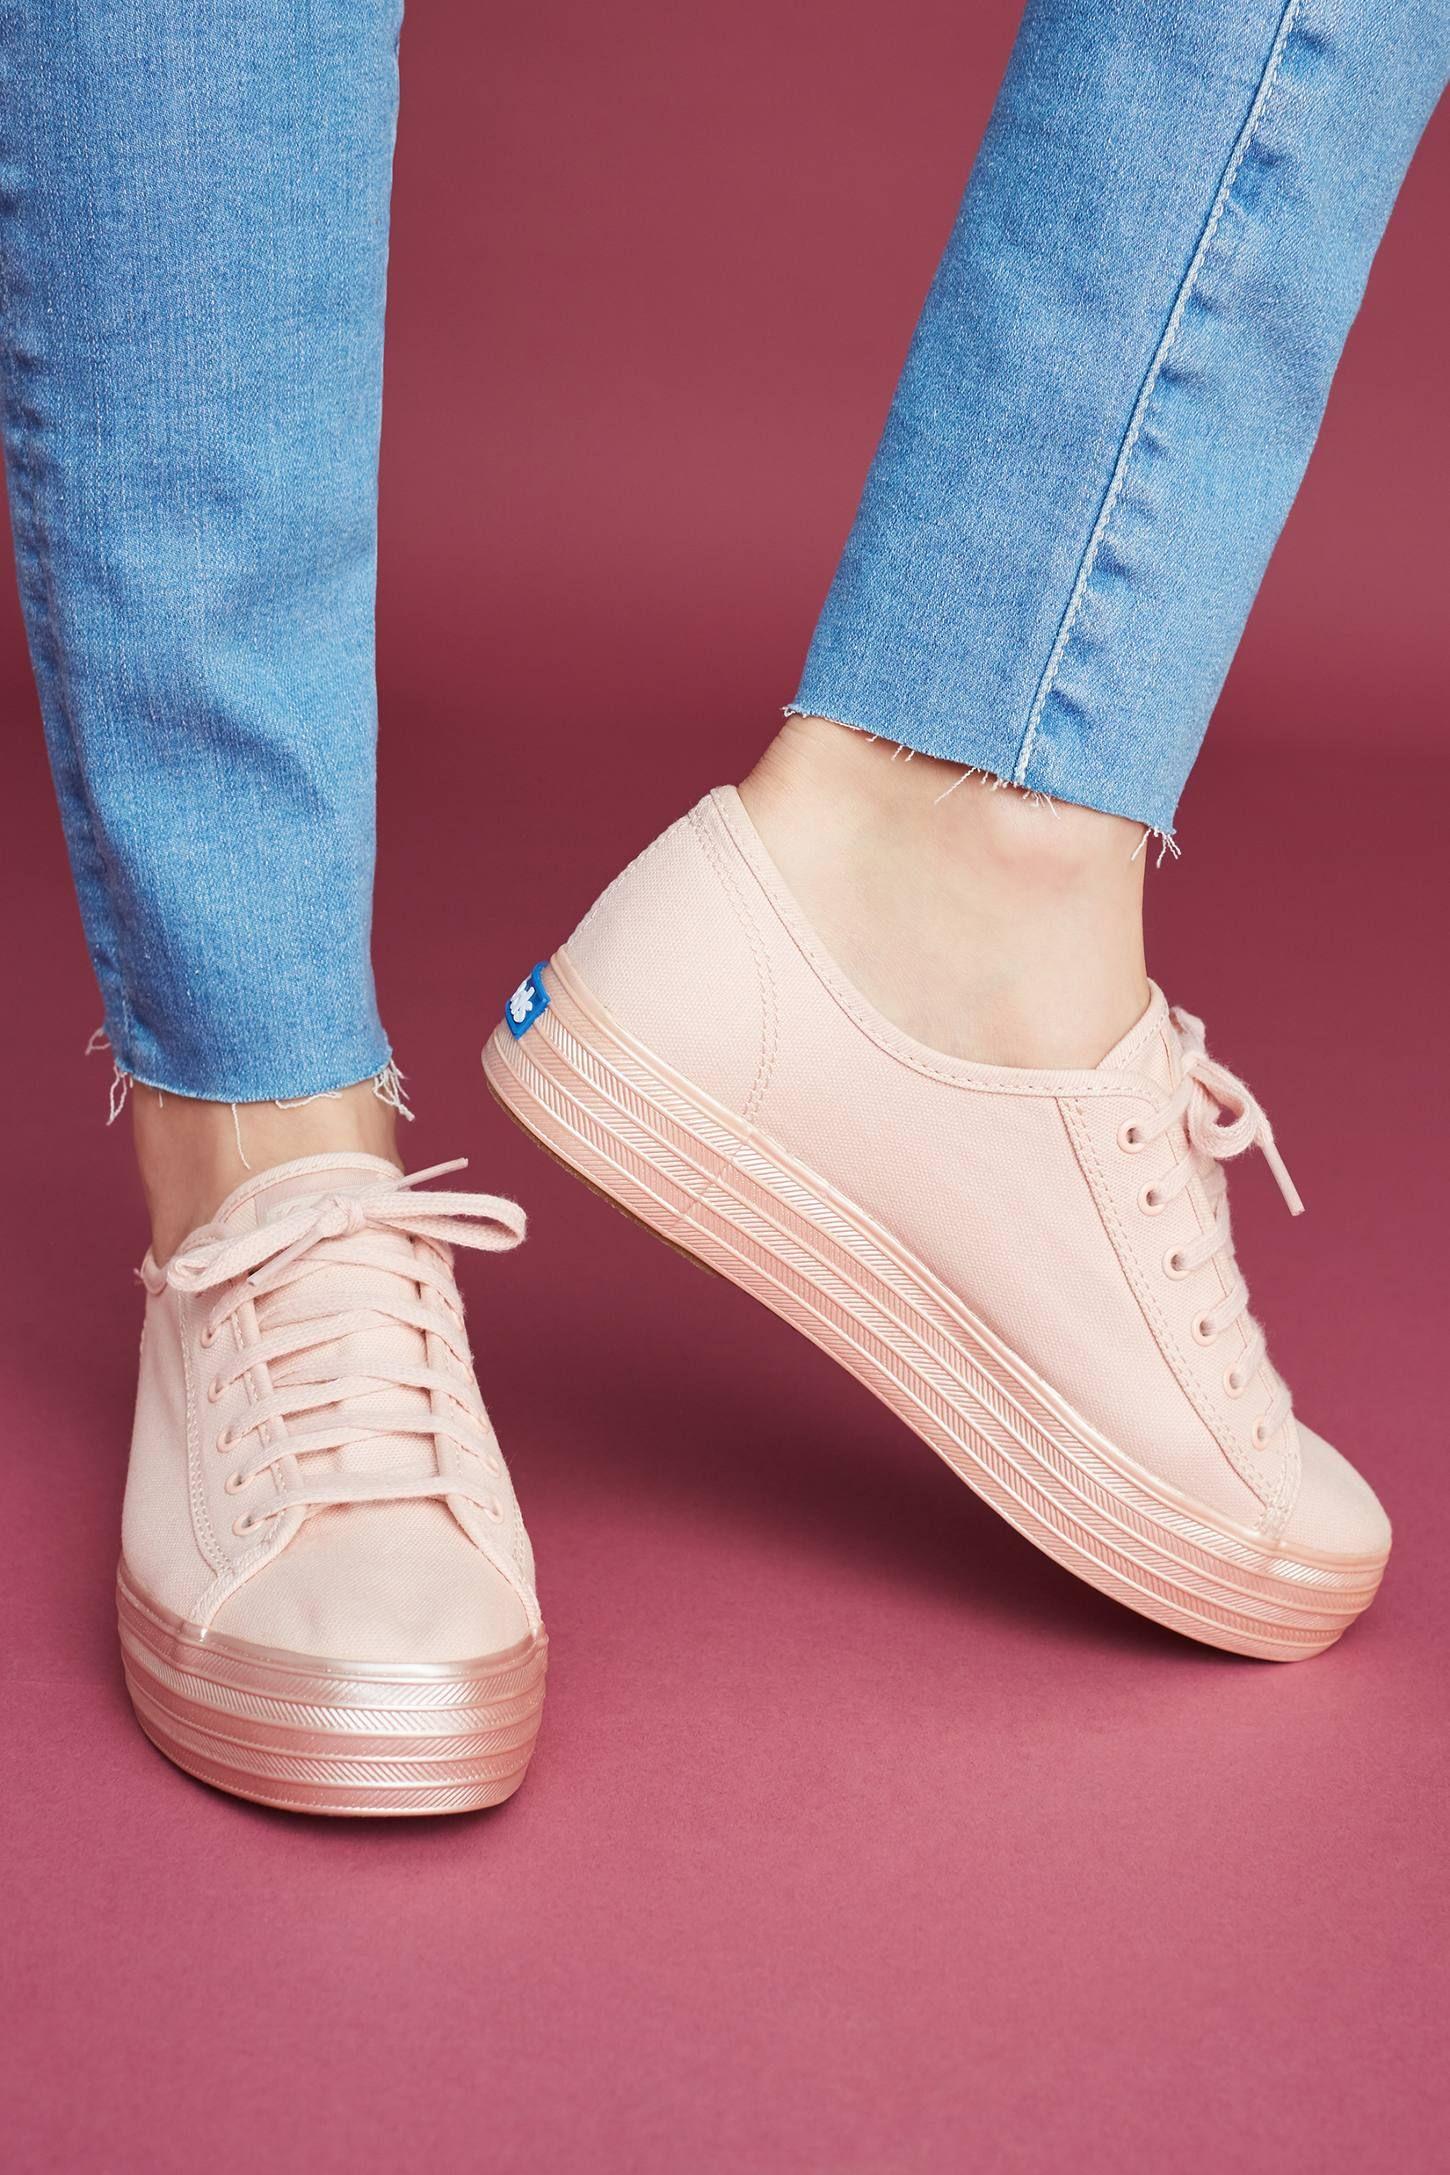 Keds Metallic Platform Sneakers | Keds